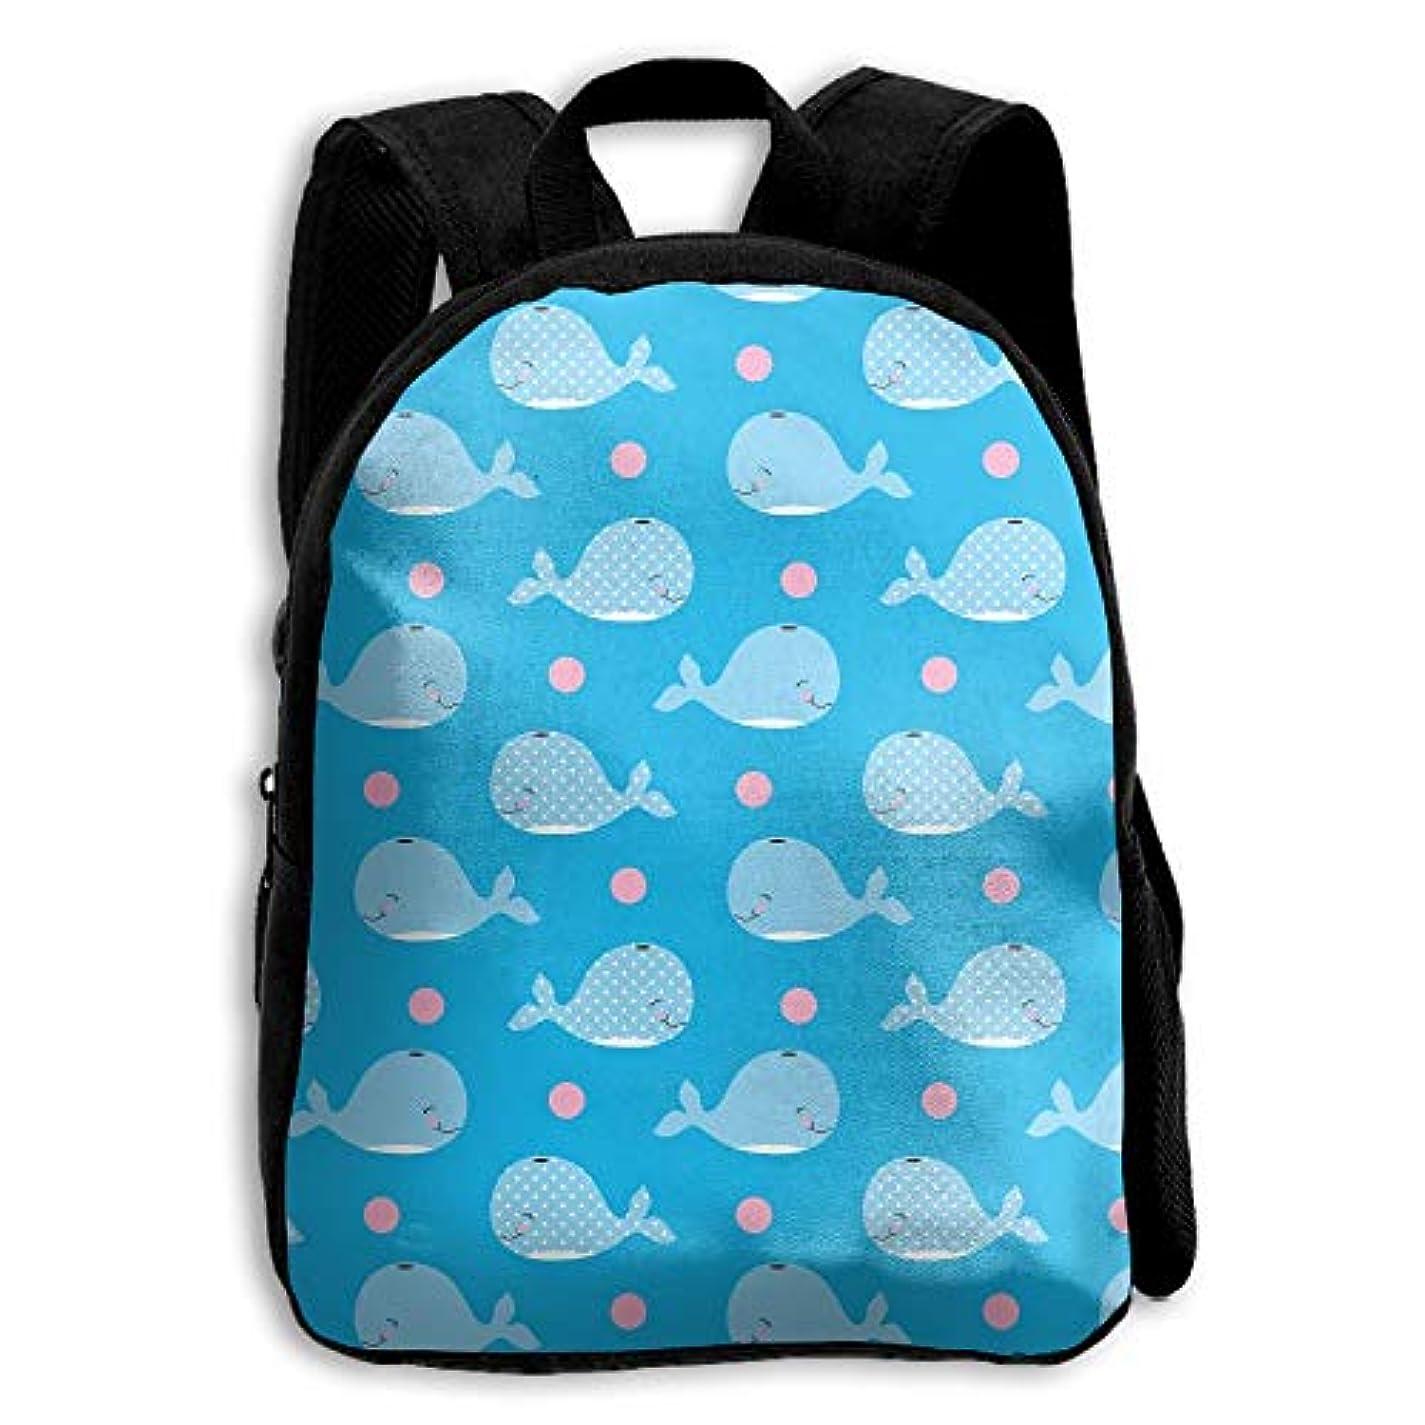 確保する急いで俳句キッズ バックパック 子供用 リュックサック 可愛い鯨 ショルダー デイパック アウトドア 男の子 女の子 通学 旅行 遠足